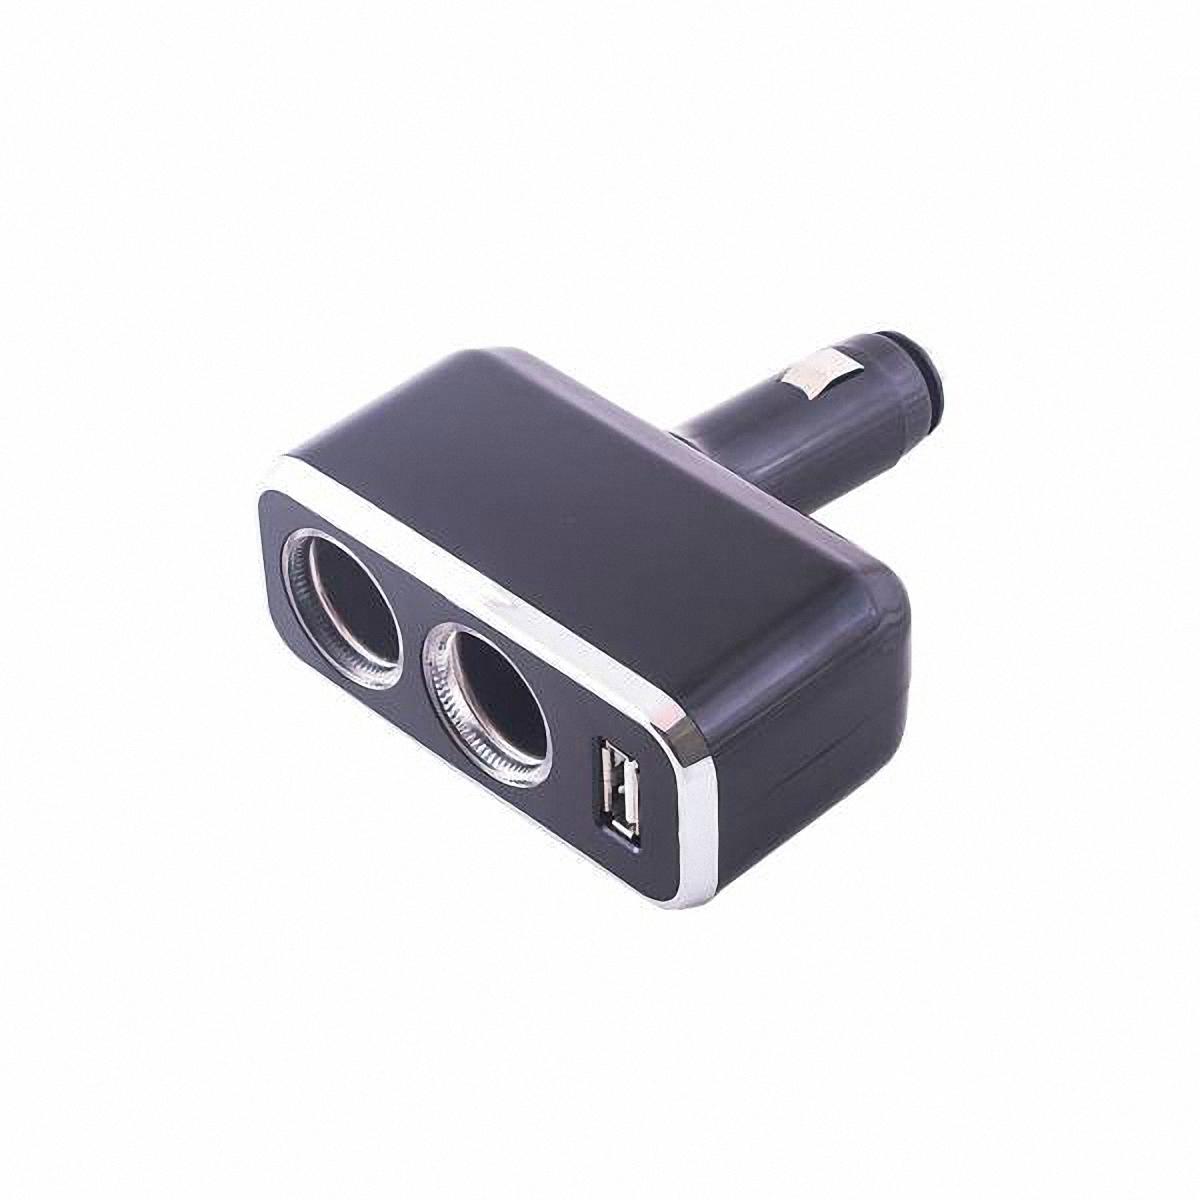 Skyway Разветвитель прикуривателя 2 гнезда + USB. S02301021S02301021Количество гнёзд: 2Количество USB-портов: 1 Устройство вращается на 180°, вверх и вниз.Устройство используется при мощности 7А.Общая мощность 80 Ватт Предохранитель 5 А. Потребляемая мощность 12 - 24 В